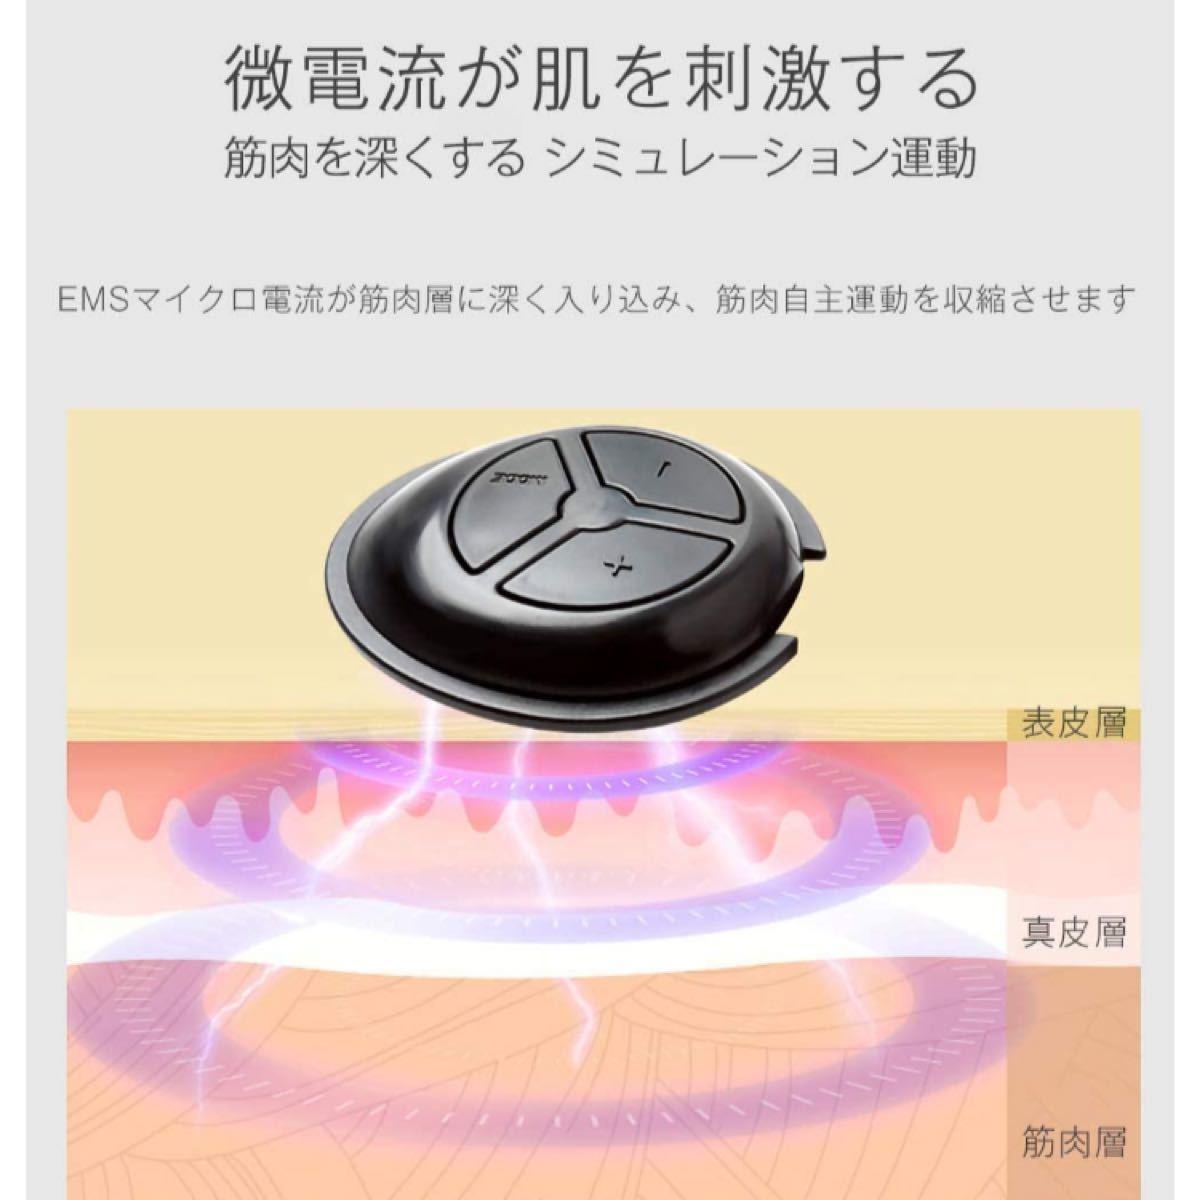 小顔器 美顔器 ems USB充電式